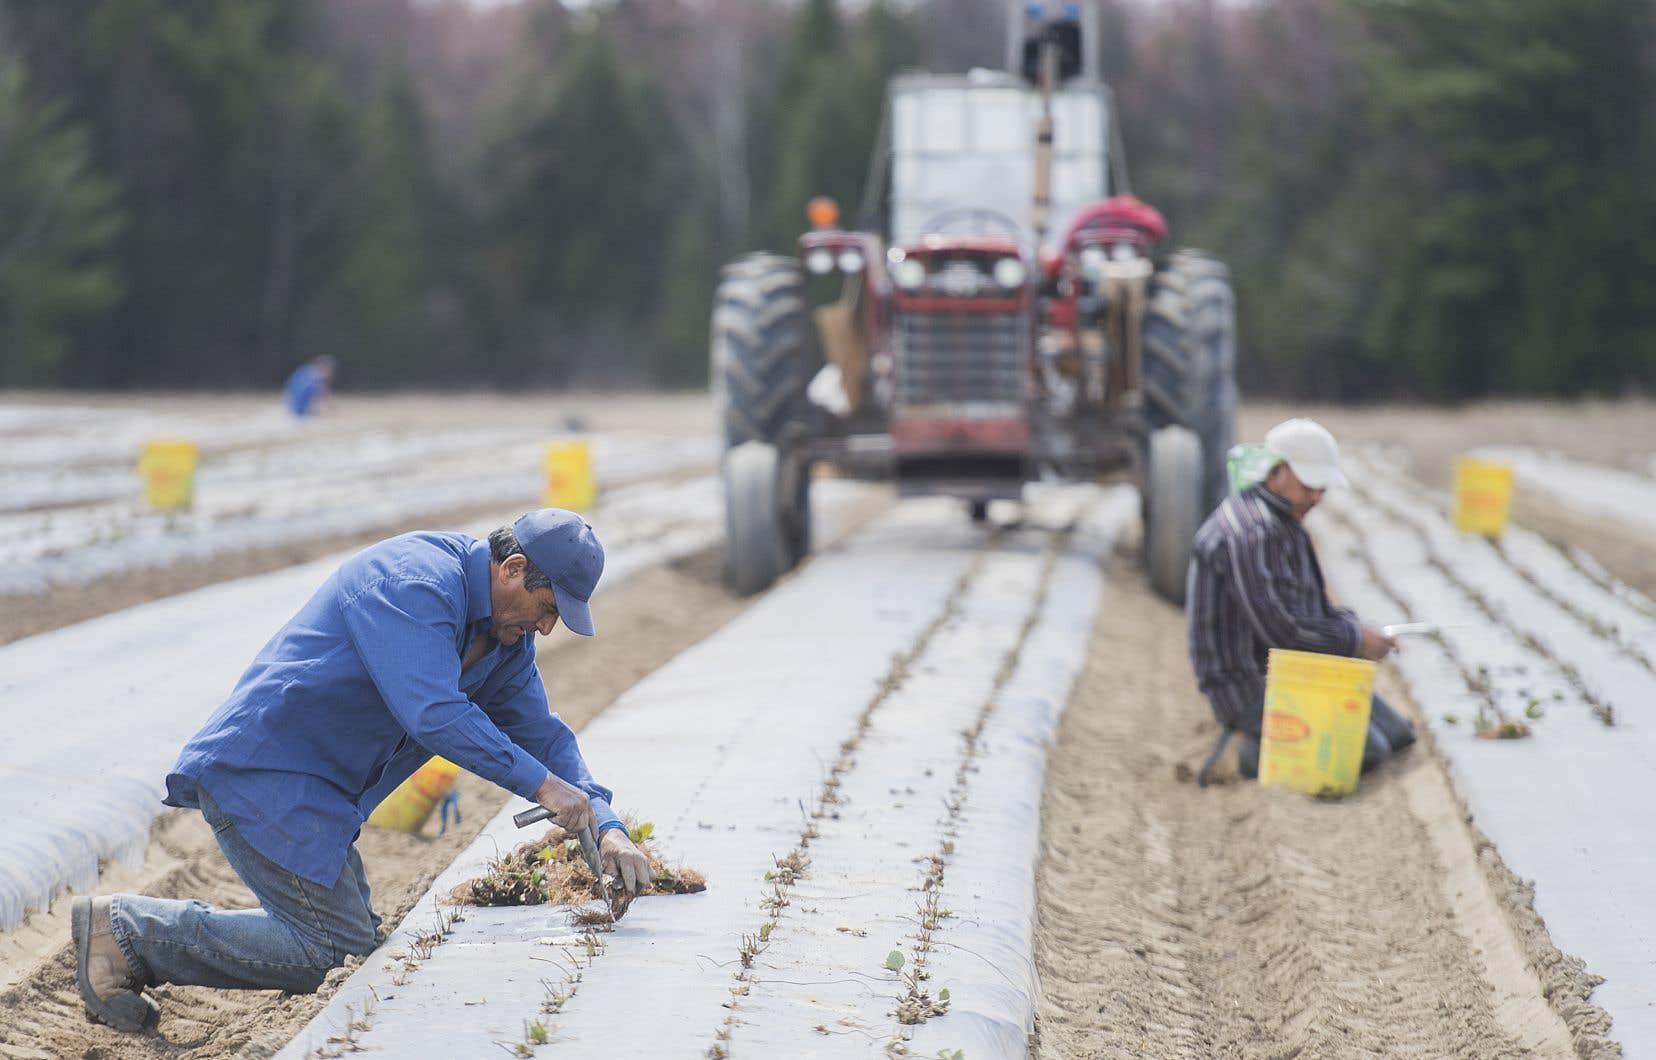 Jusqu'à 60 000 travailleurs étrangers agricoles sont embauchés à l'échelle du Canada chaque année, pour des périodes de 8 semaines à 2 ans.